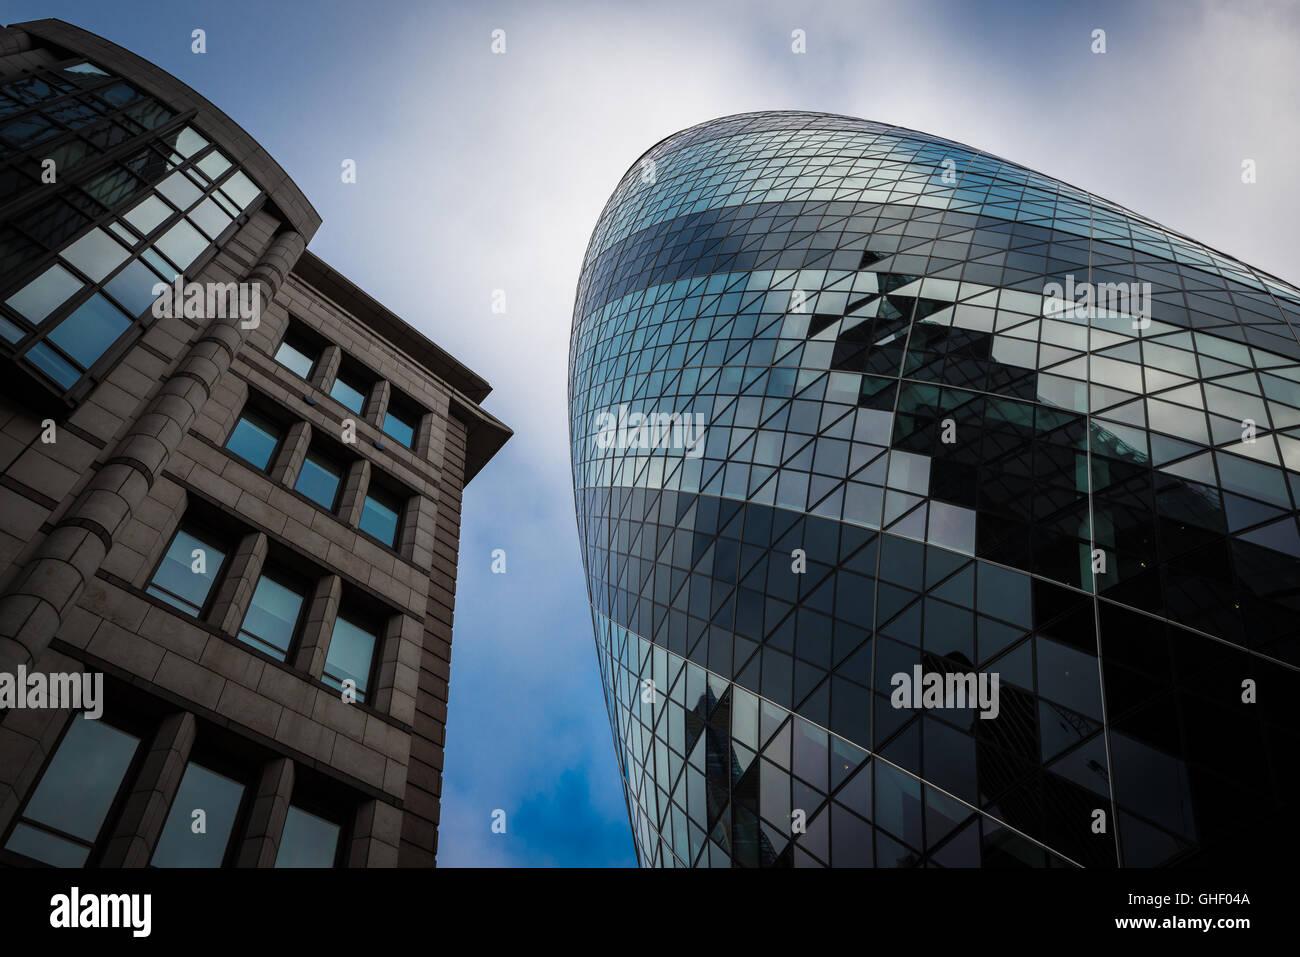 El pepinillo edificio de oficinas, de la ciudad de Londres, Reino Unido Imagen De Stock